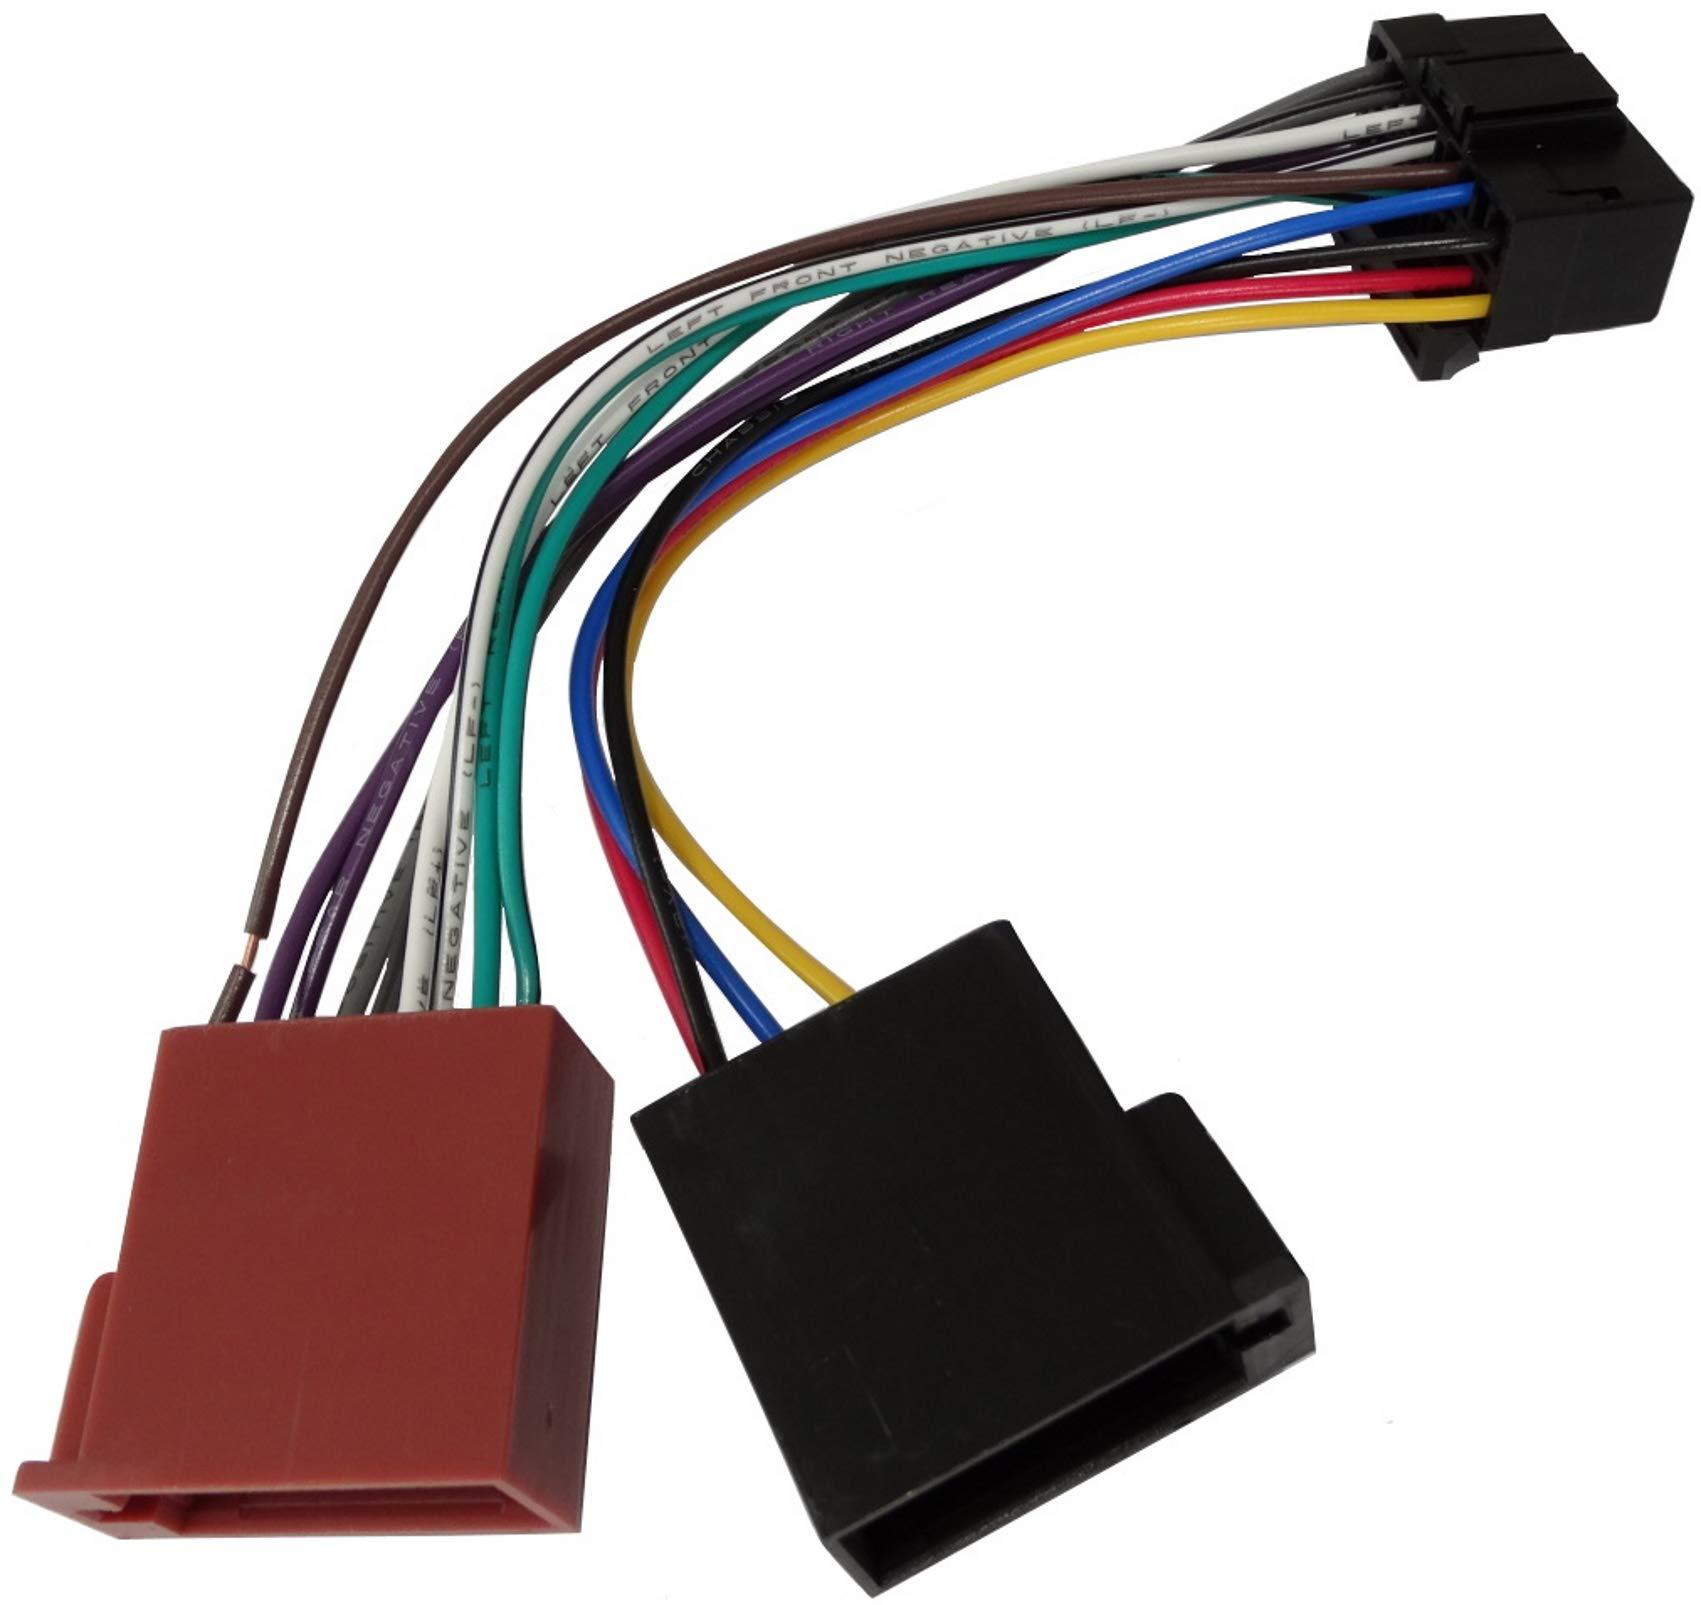 Aerzetix ISO-Konverter 8 vorverdrahtet Anschl/üsse f/ür Lautsprecher m/ännlich weiblich Adapter Kabel Radioadapter 20cm ISO 16 PIN-8